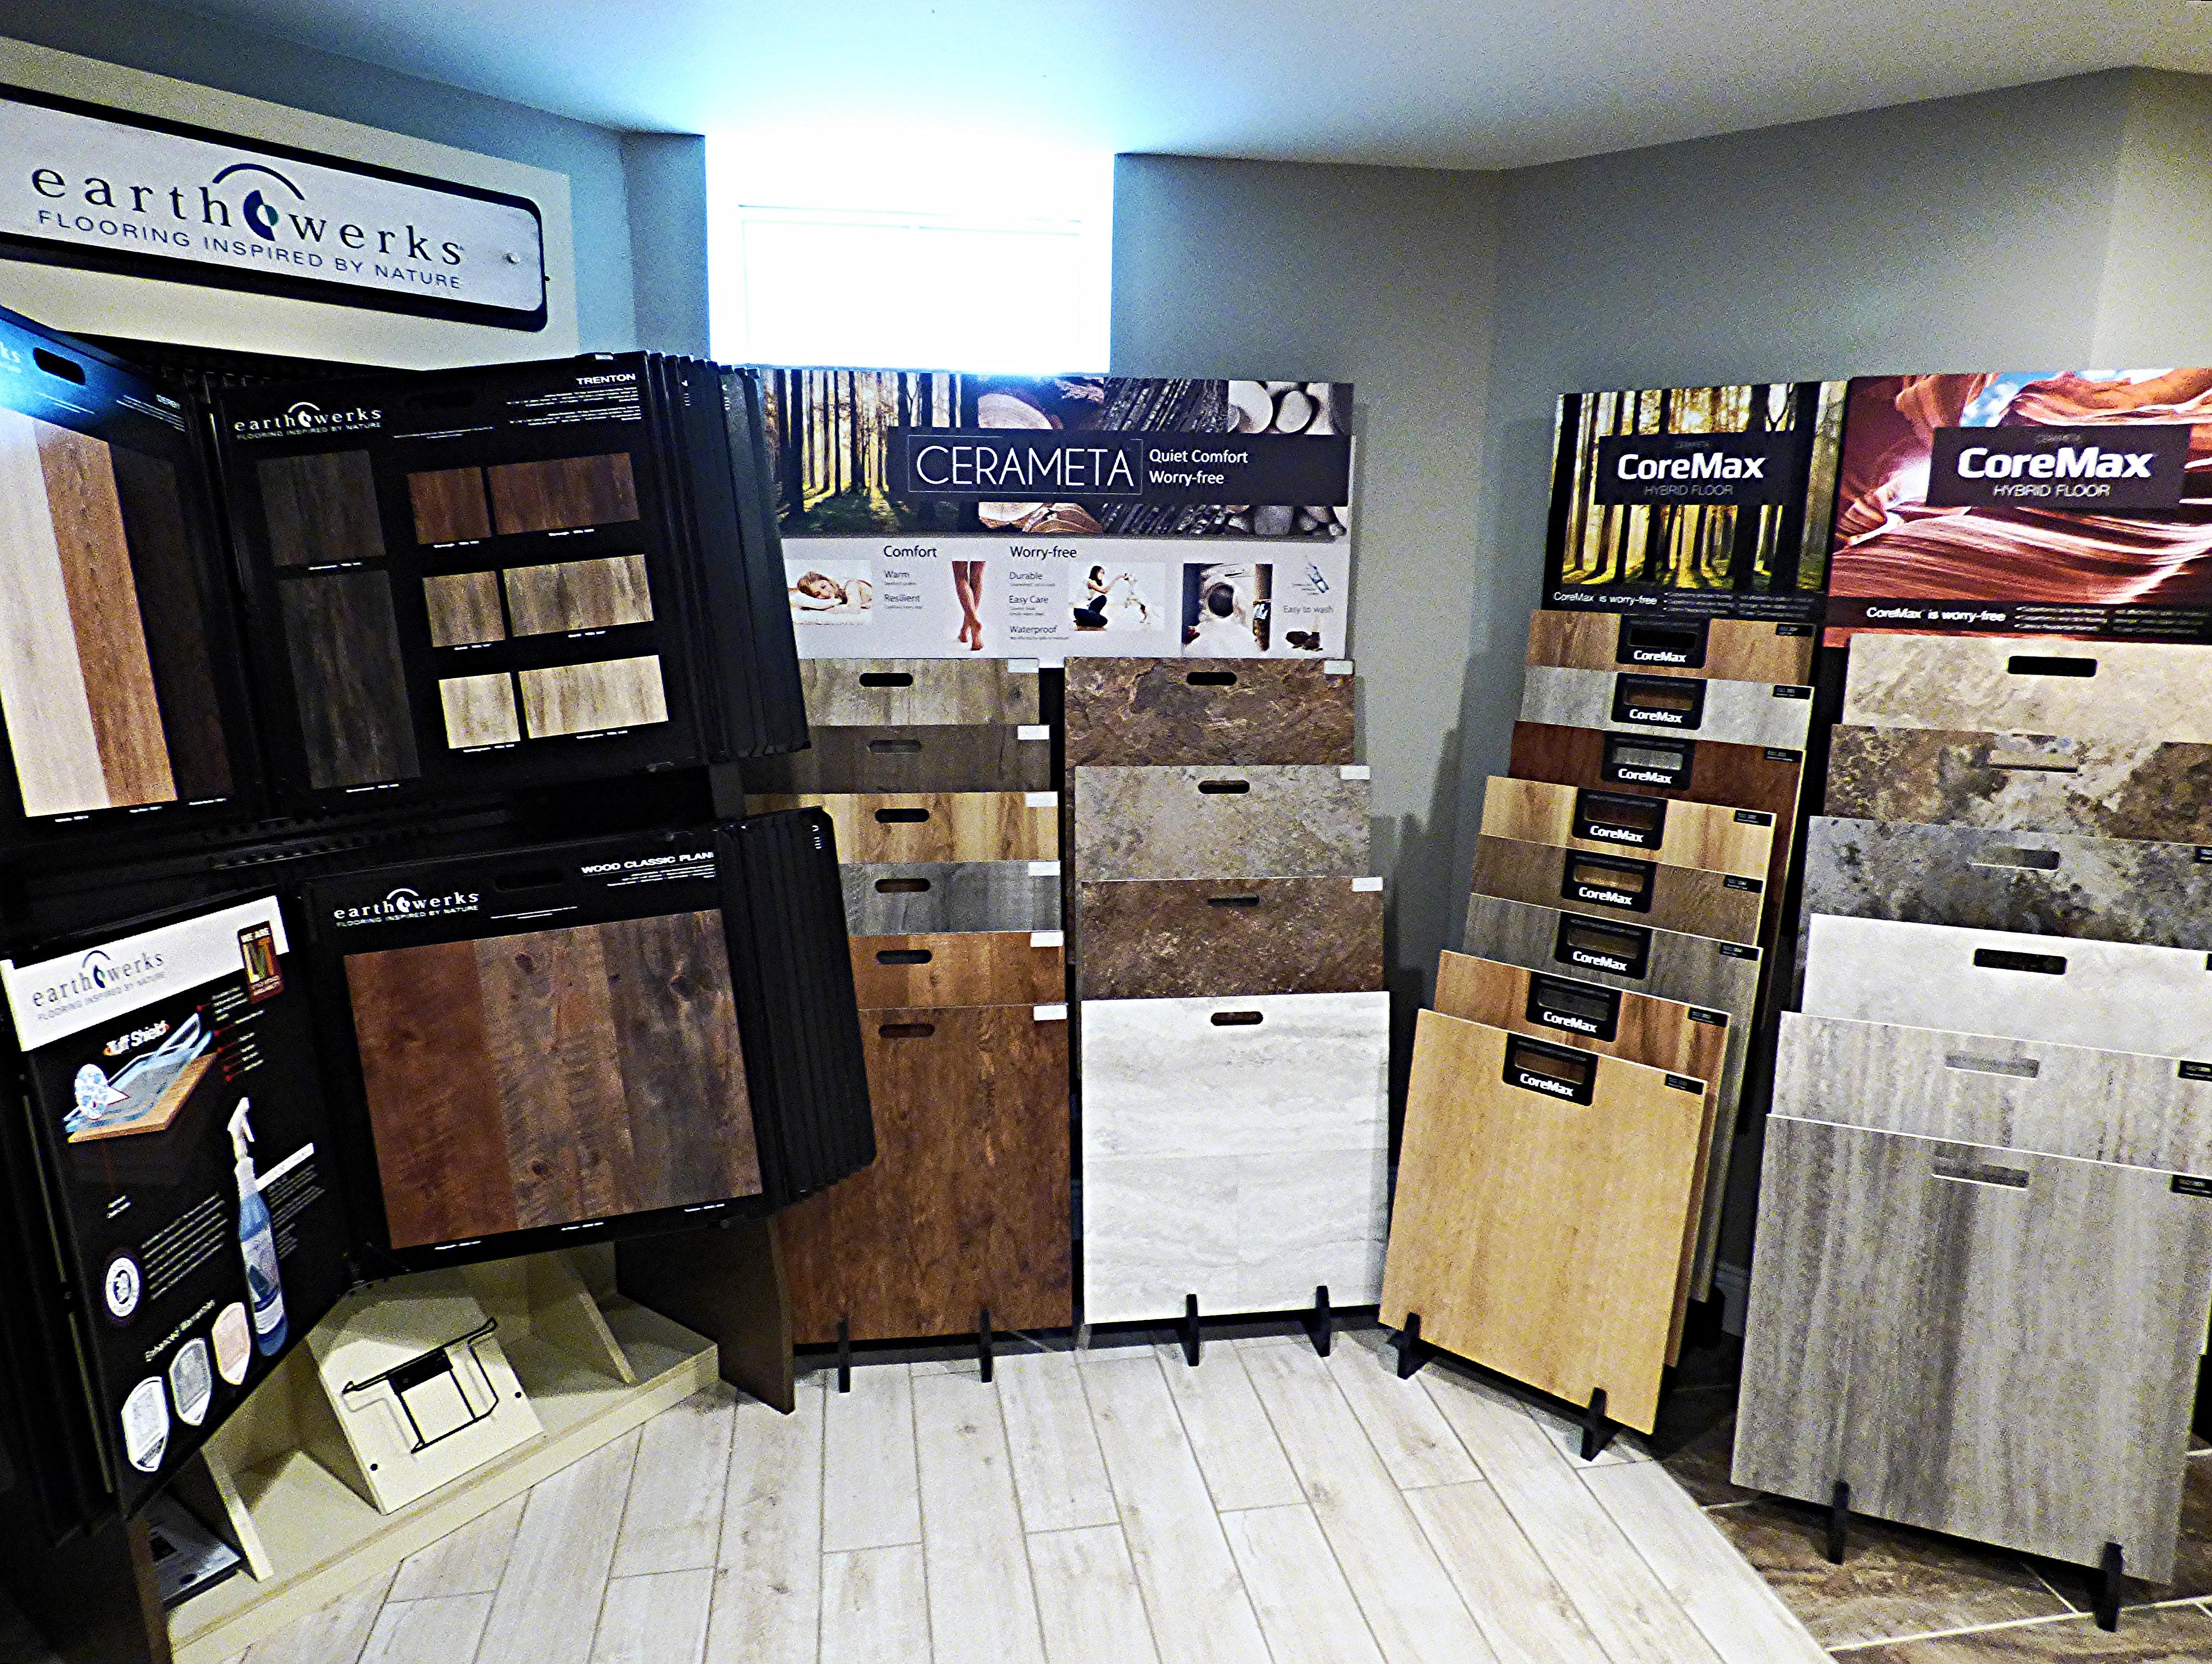 rourke wholesale flooring | nrf distributor | earthwerks